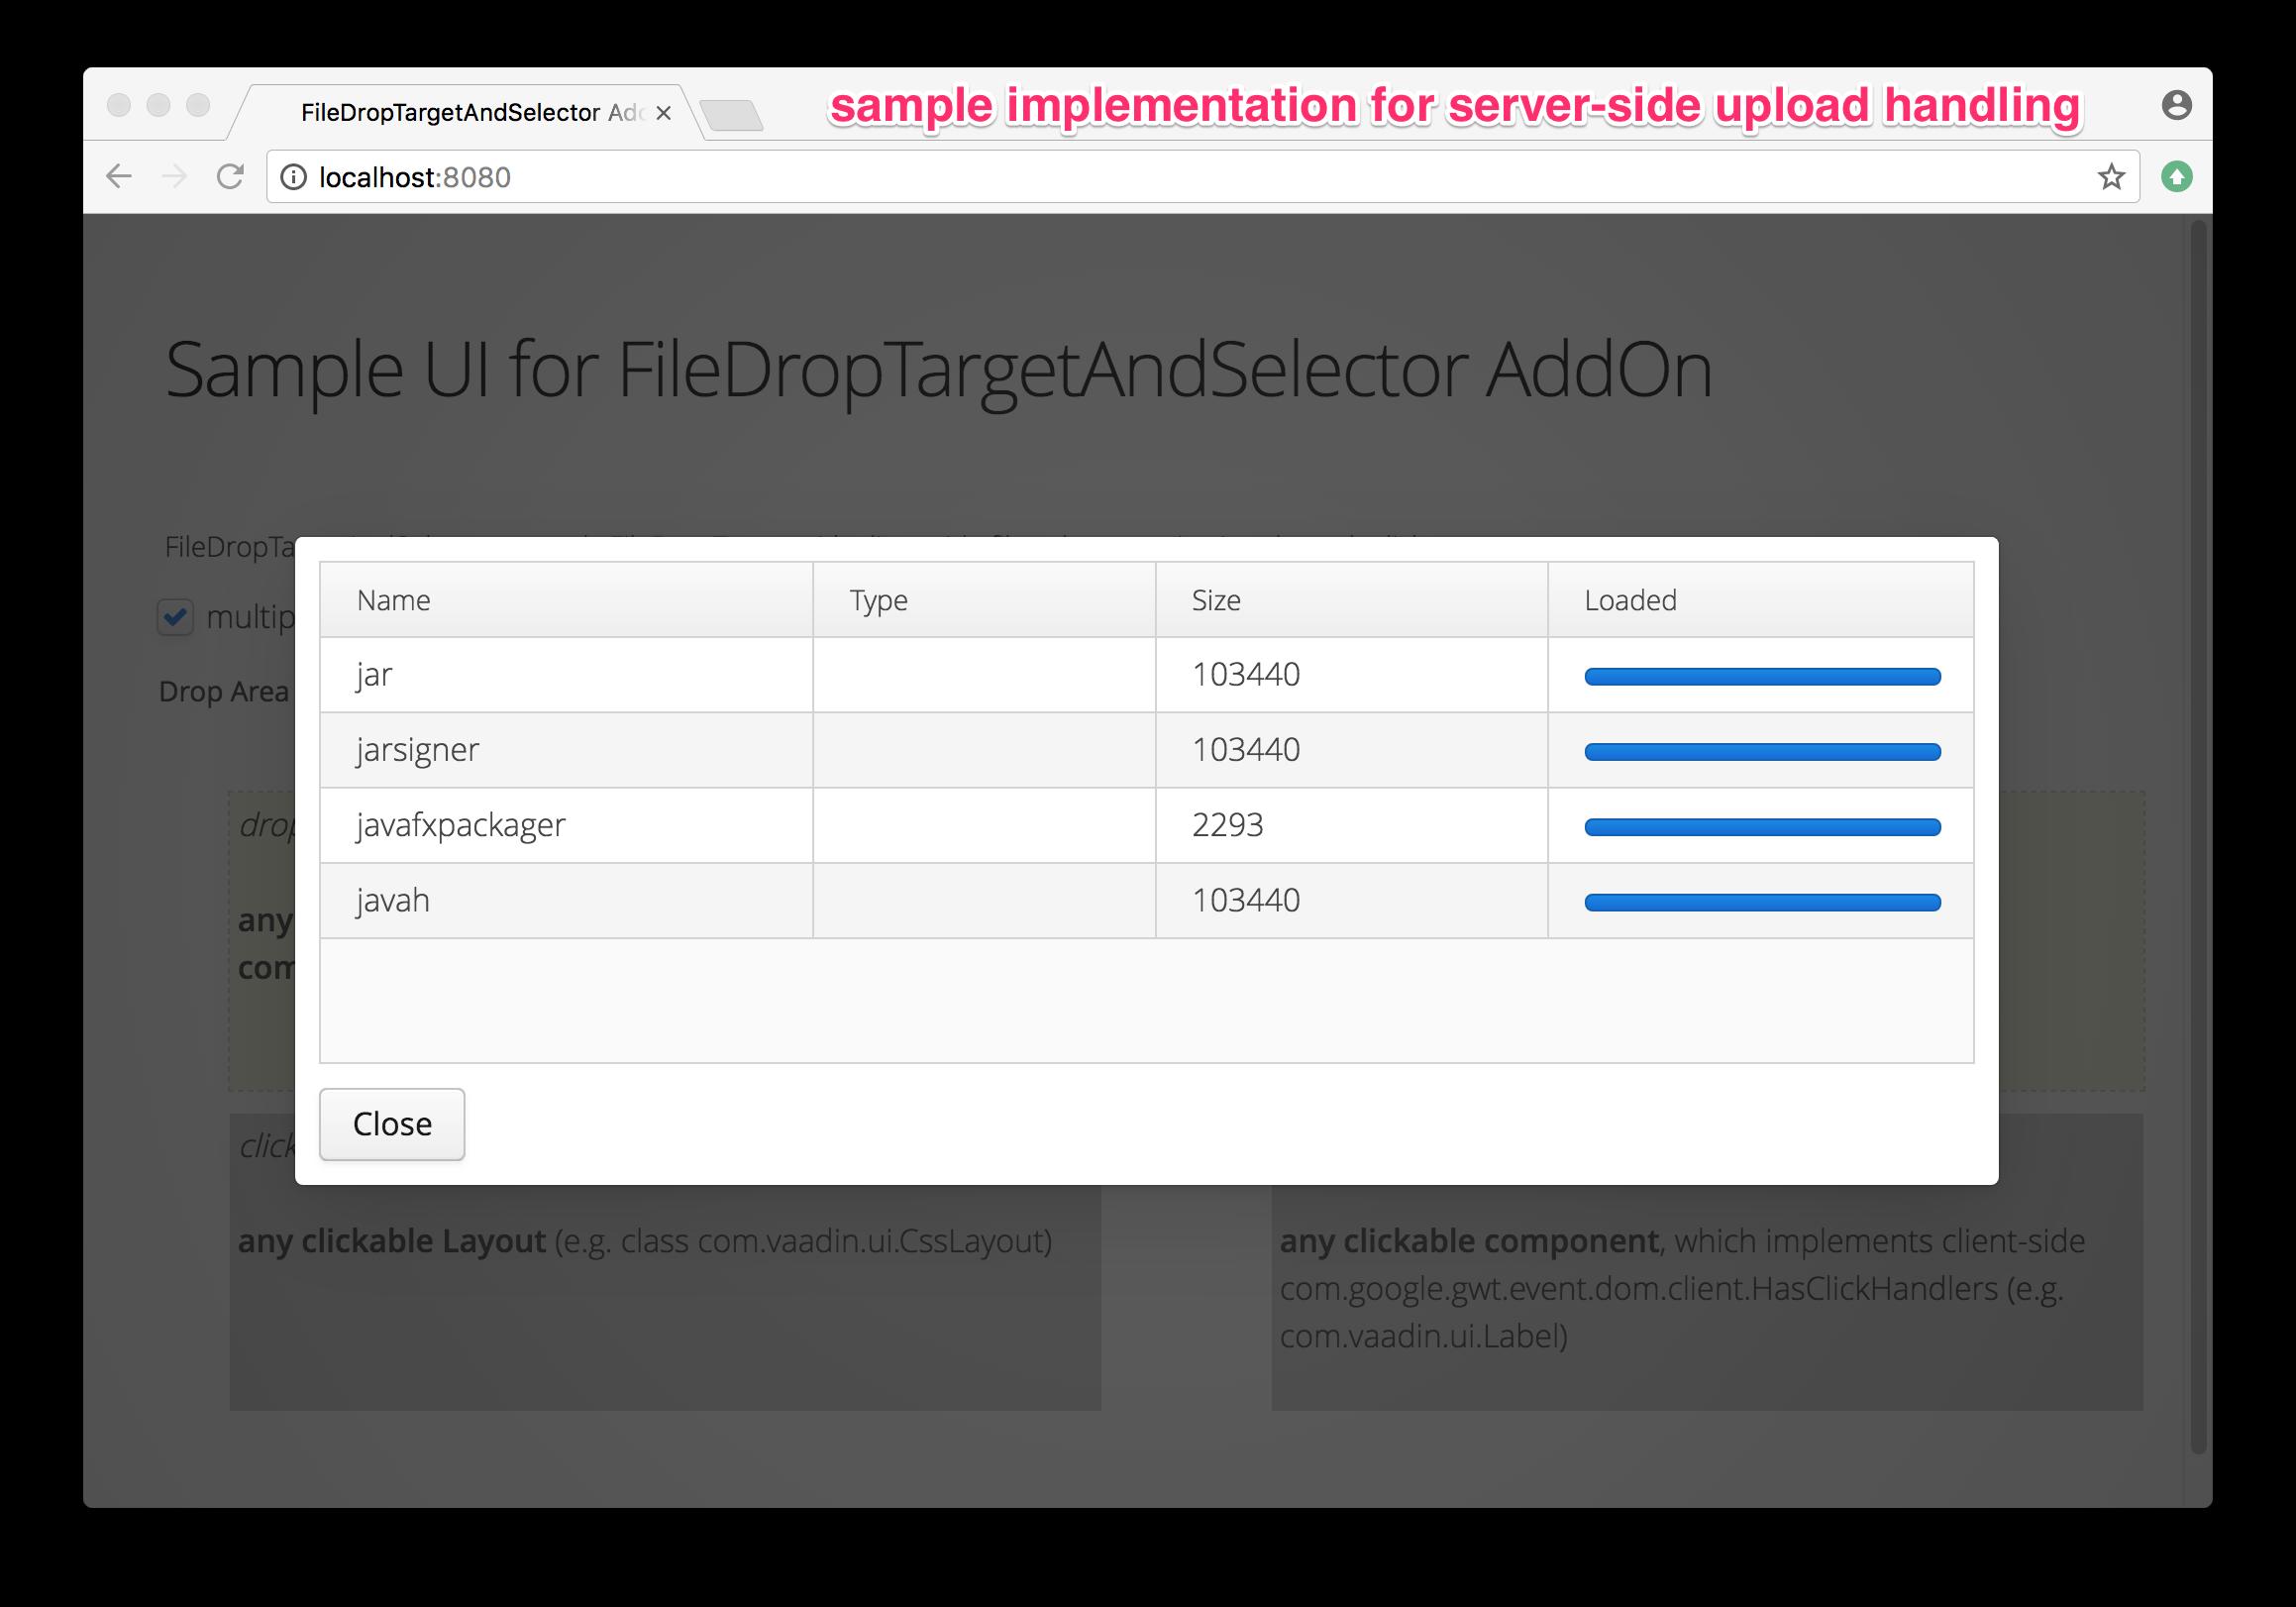 Demo implementation for upload handling